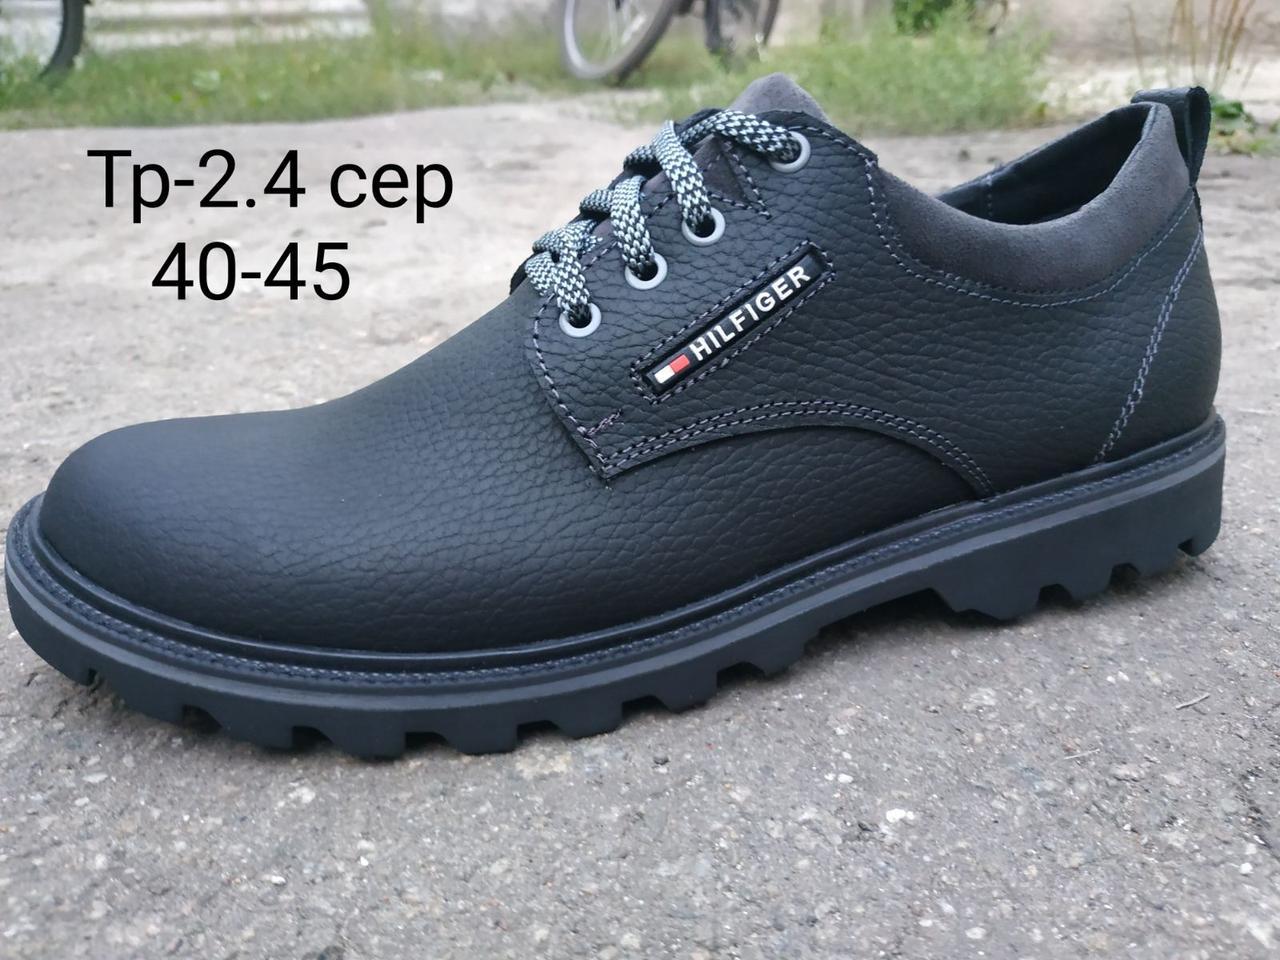 Стильні чорні низькі чоботи Tommy Hilfiger шкіряні чоловічі